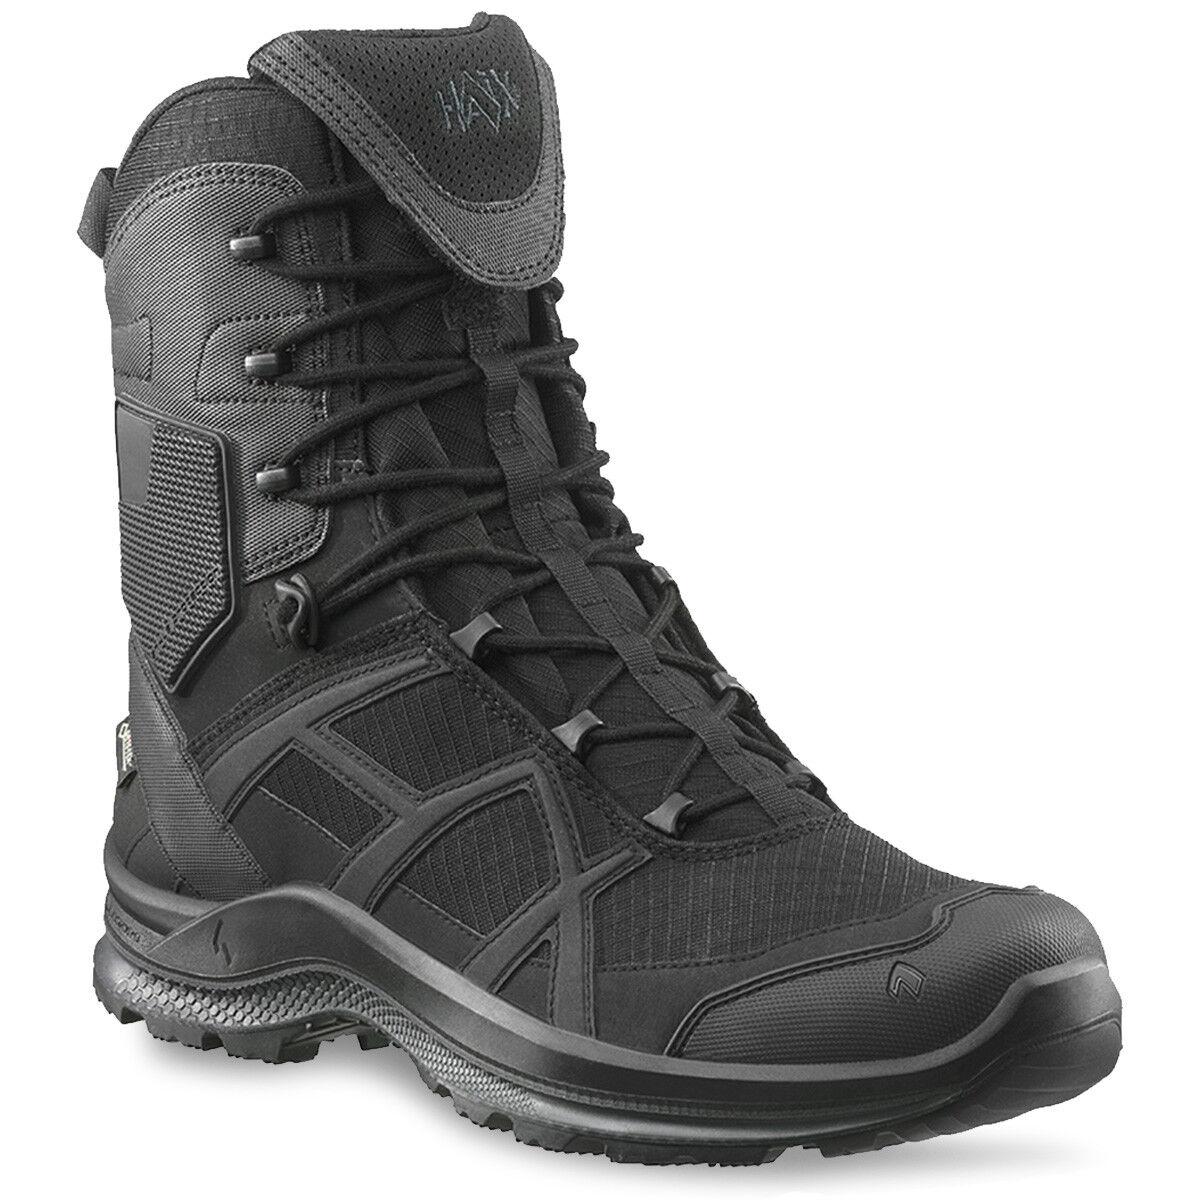 Haix Negro Eagle Athletic 2.1 GTX Alta Gore-Tex Impermeable botas Tácticas de policía